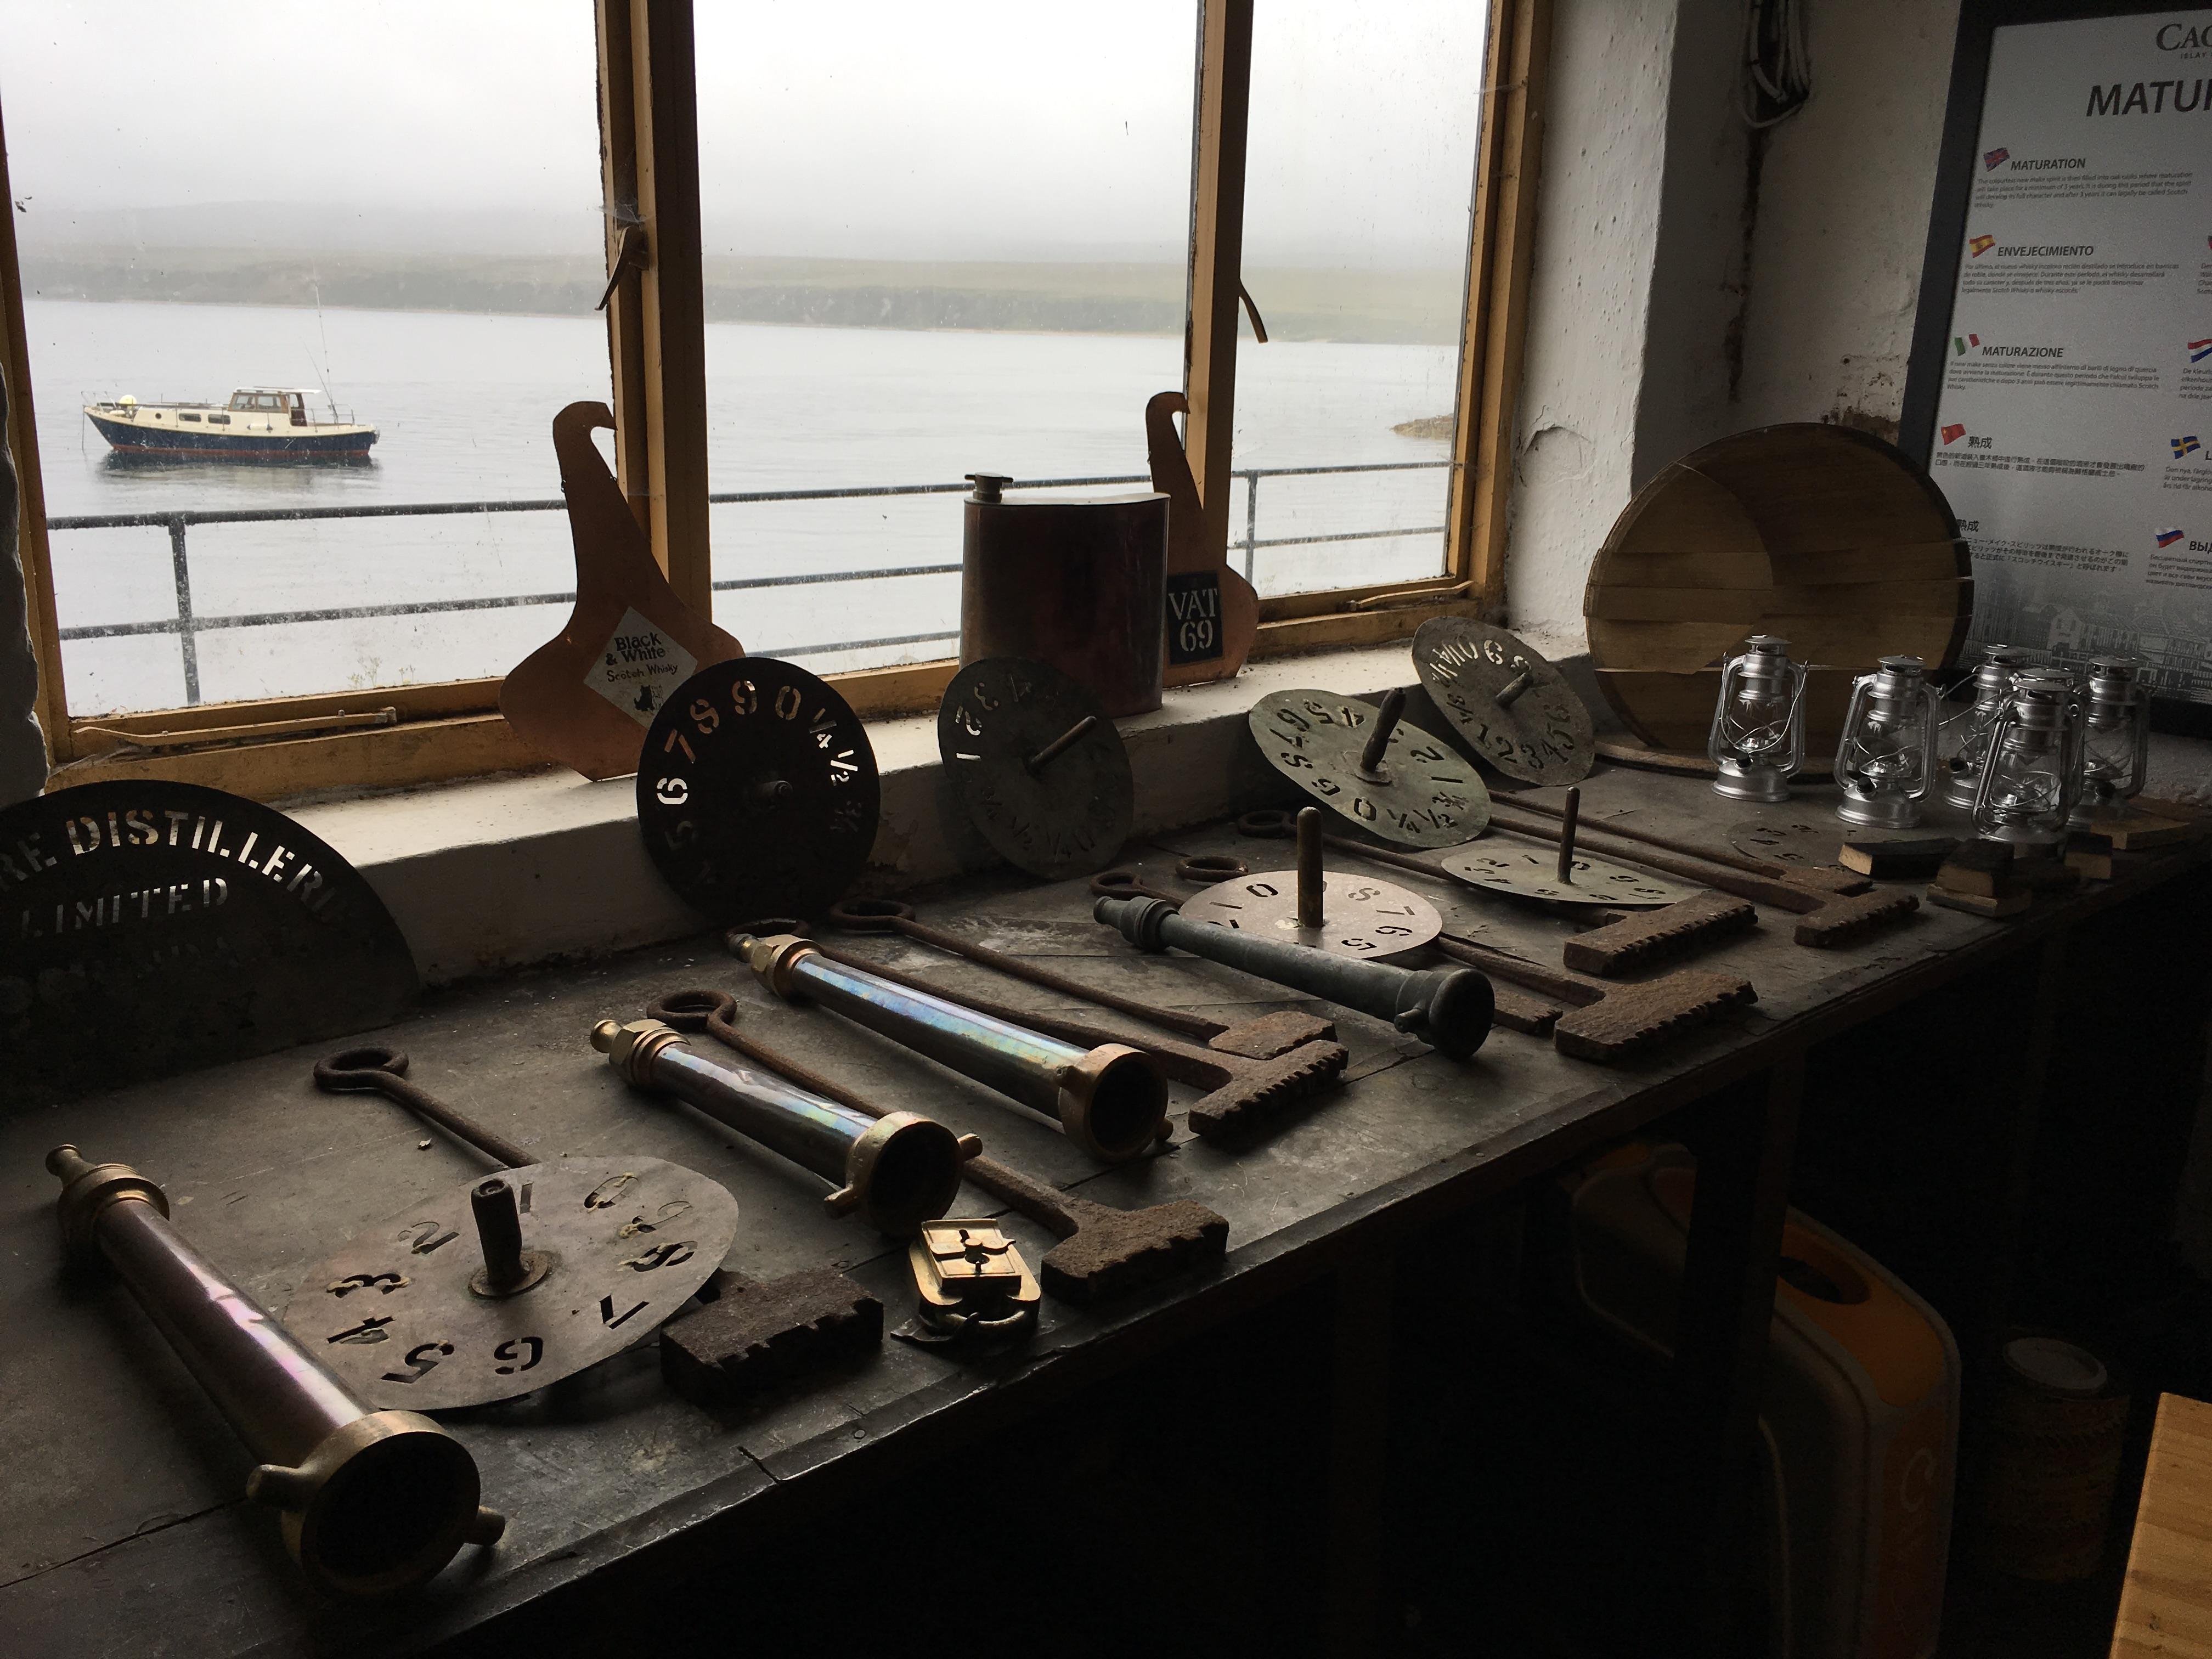 Equiment und Lagerhaus von Caol Ila Single Malt Scotch Whisky Destillerie Brennerei auf Islay im Westen Schottlands